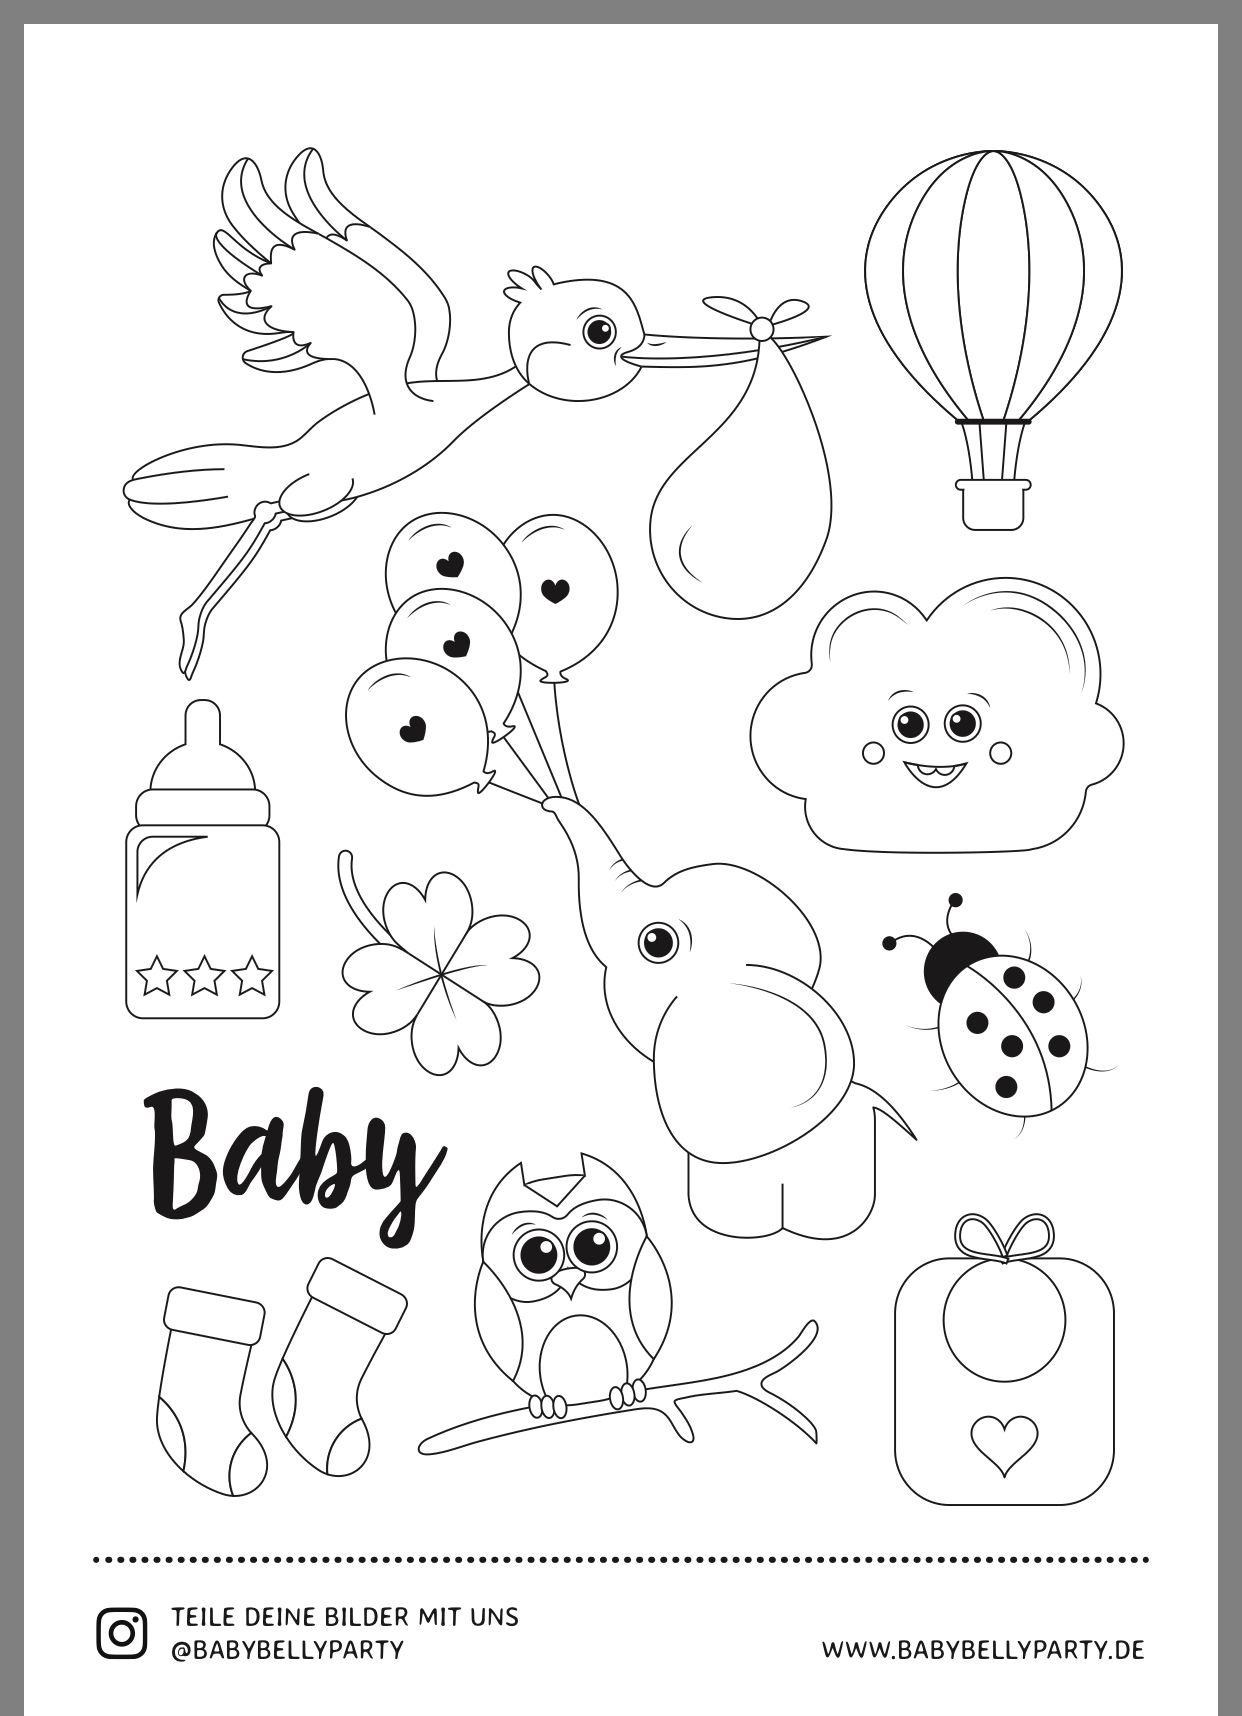 Pin von Karin Krendl auf Babyparty  Babyalbum, Baby shower spiele